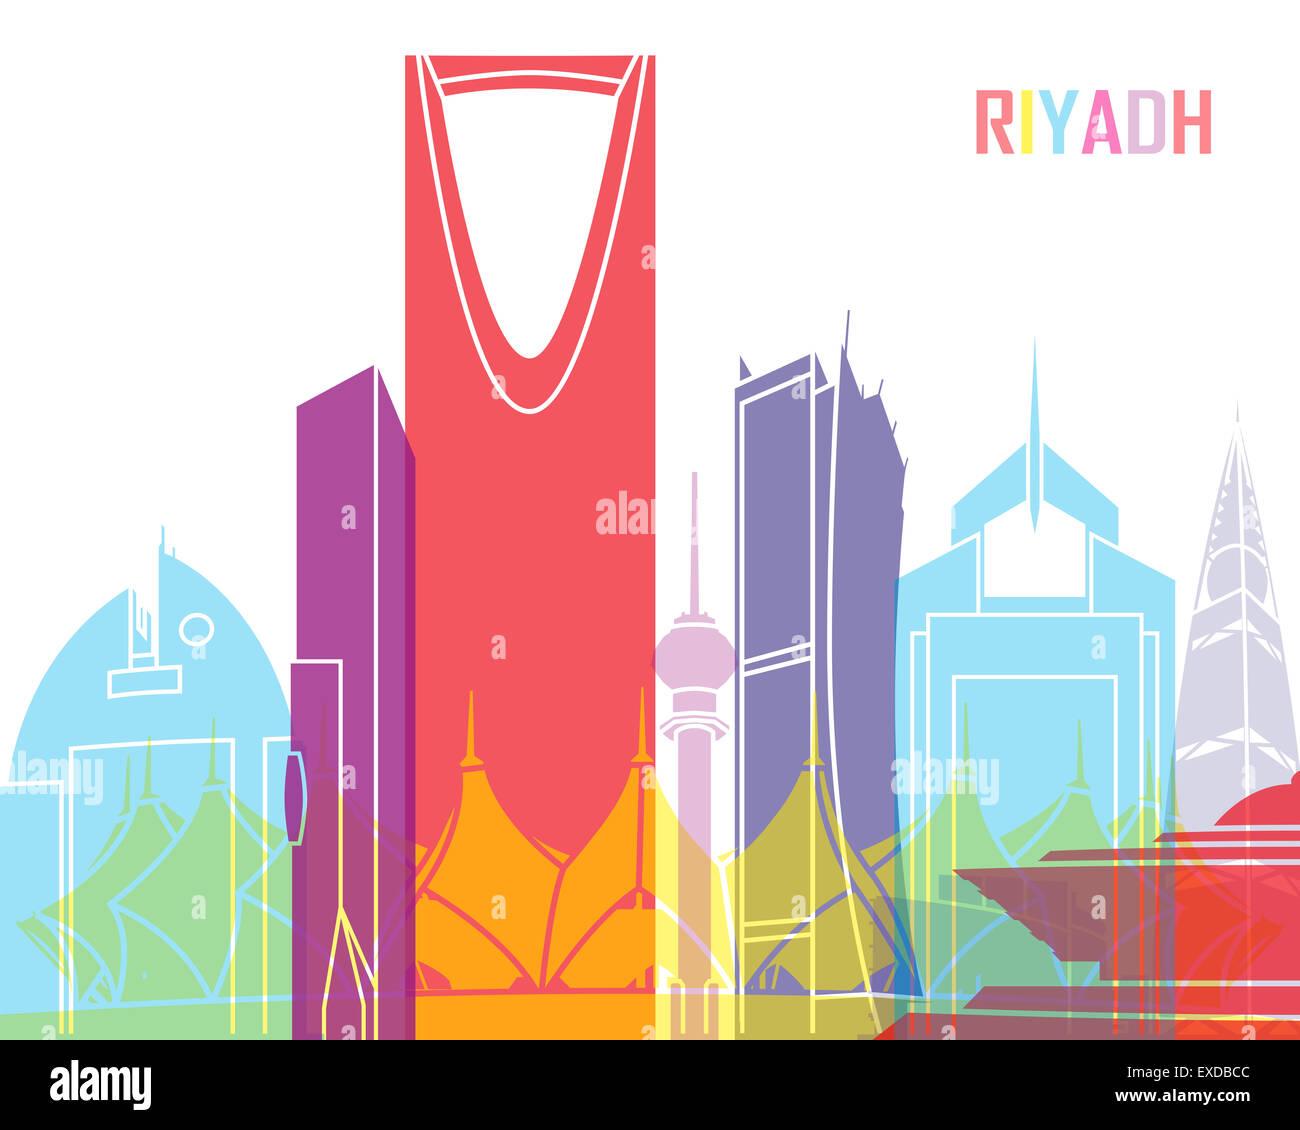 Ryad skyline pop en archivo vectorial editable Imagen De Stock